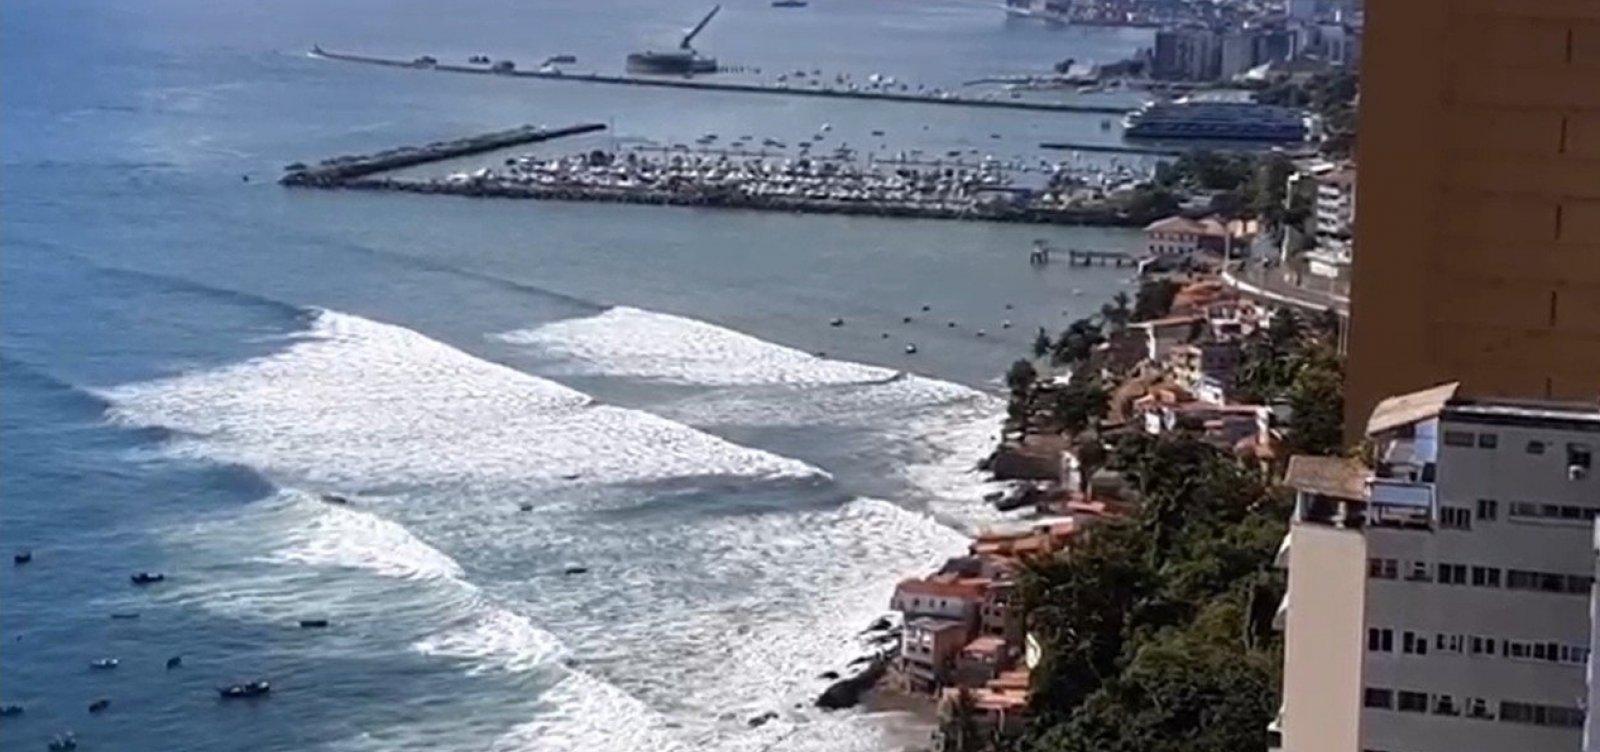 'Engrenagem dos ventos' impulsionou ondas na Baía de Todos os Santos, explica oceanógrafo